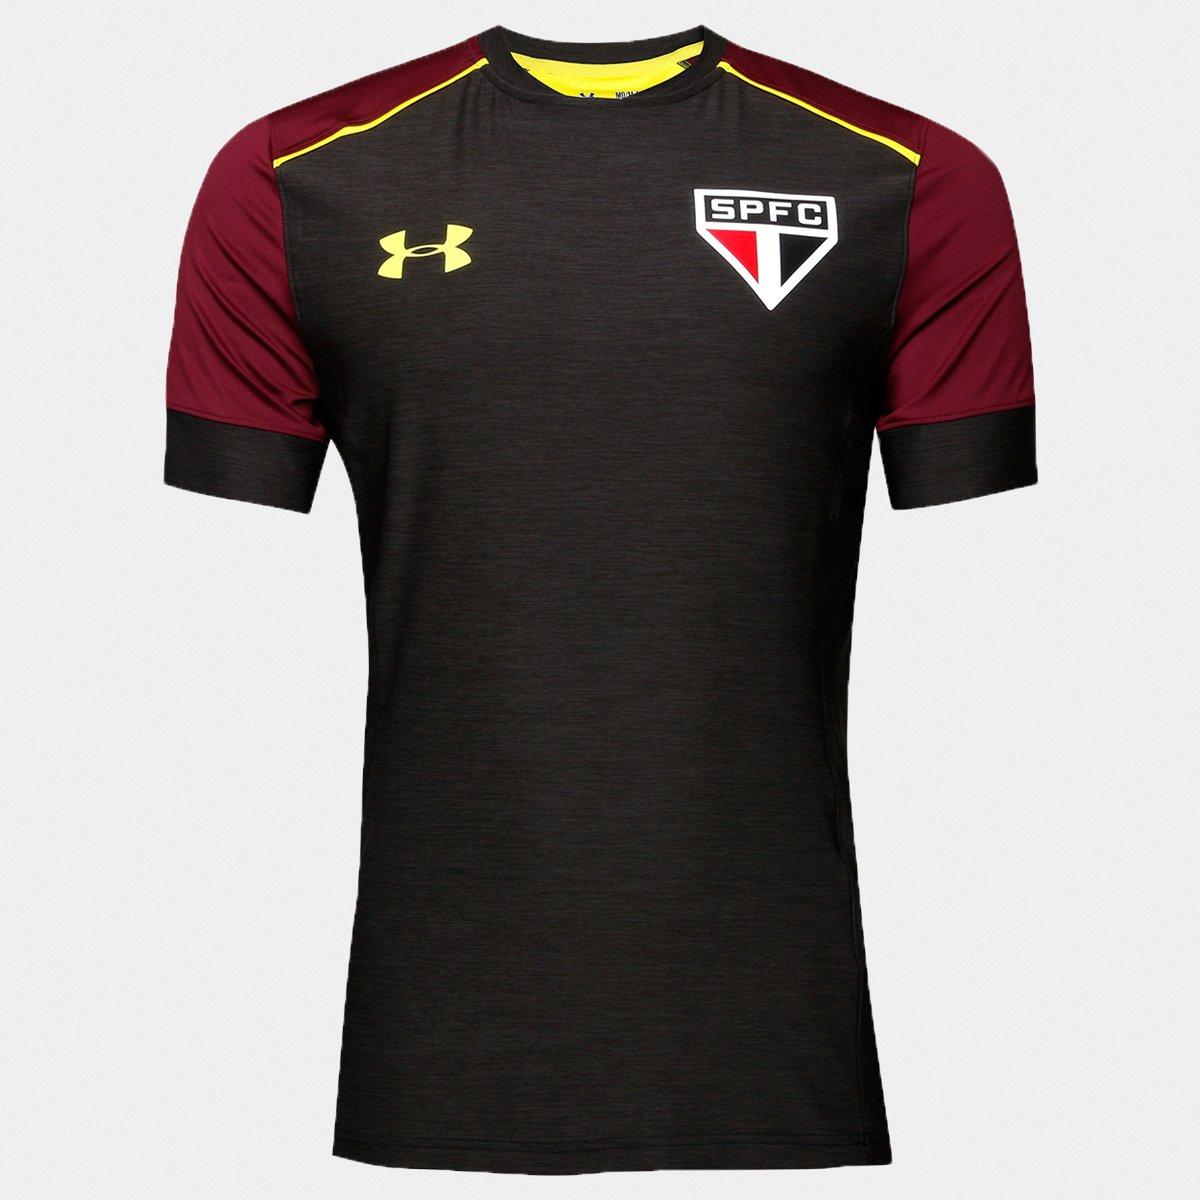 Camisa de Treino São Paulo 16 17 Under Armour Masculina - Compre Agora  6ab215ee9ca77